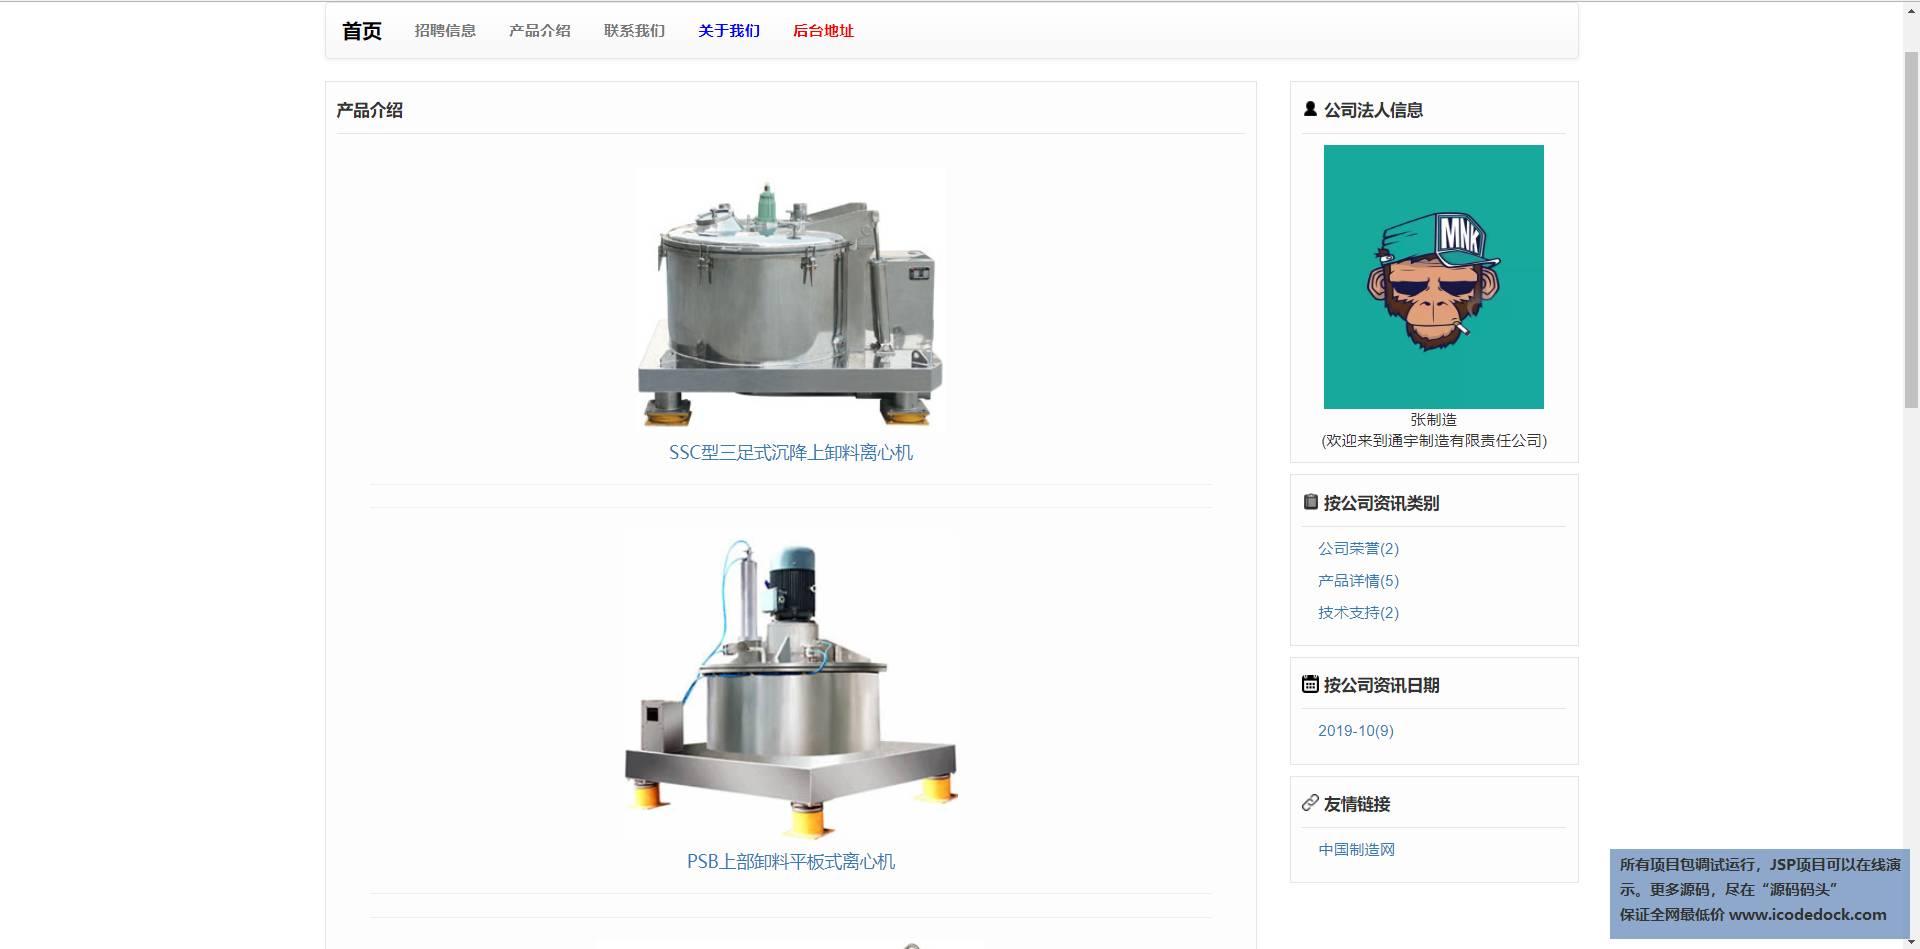 源码码头-SSM企业官方网站-用户角色-产品介绍